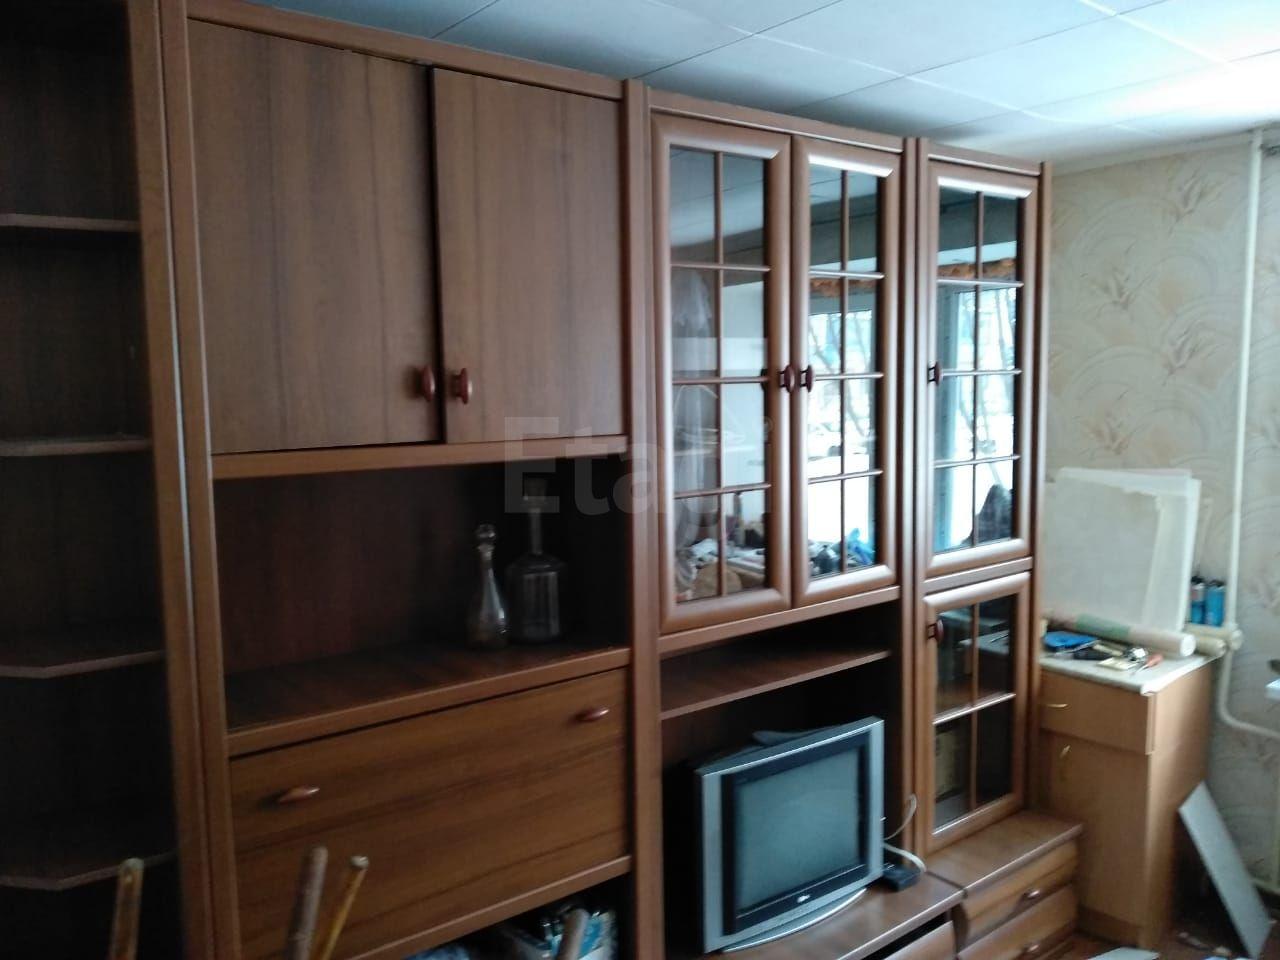 Муром, Кленовая, 3 к 2, 2-к. квартира на продажу